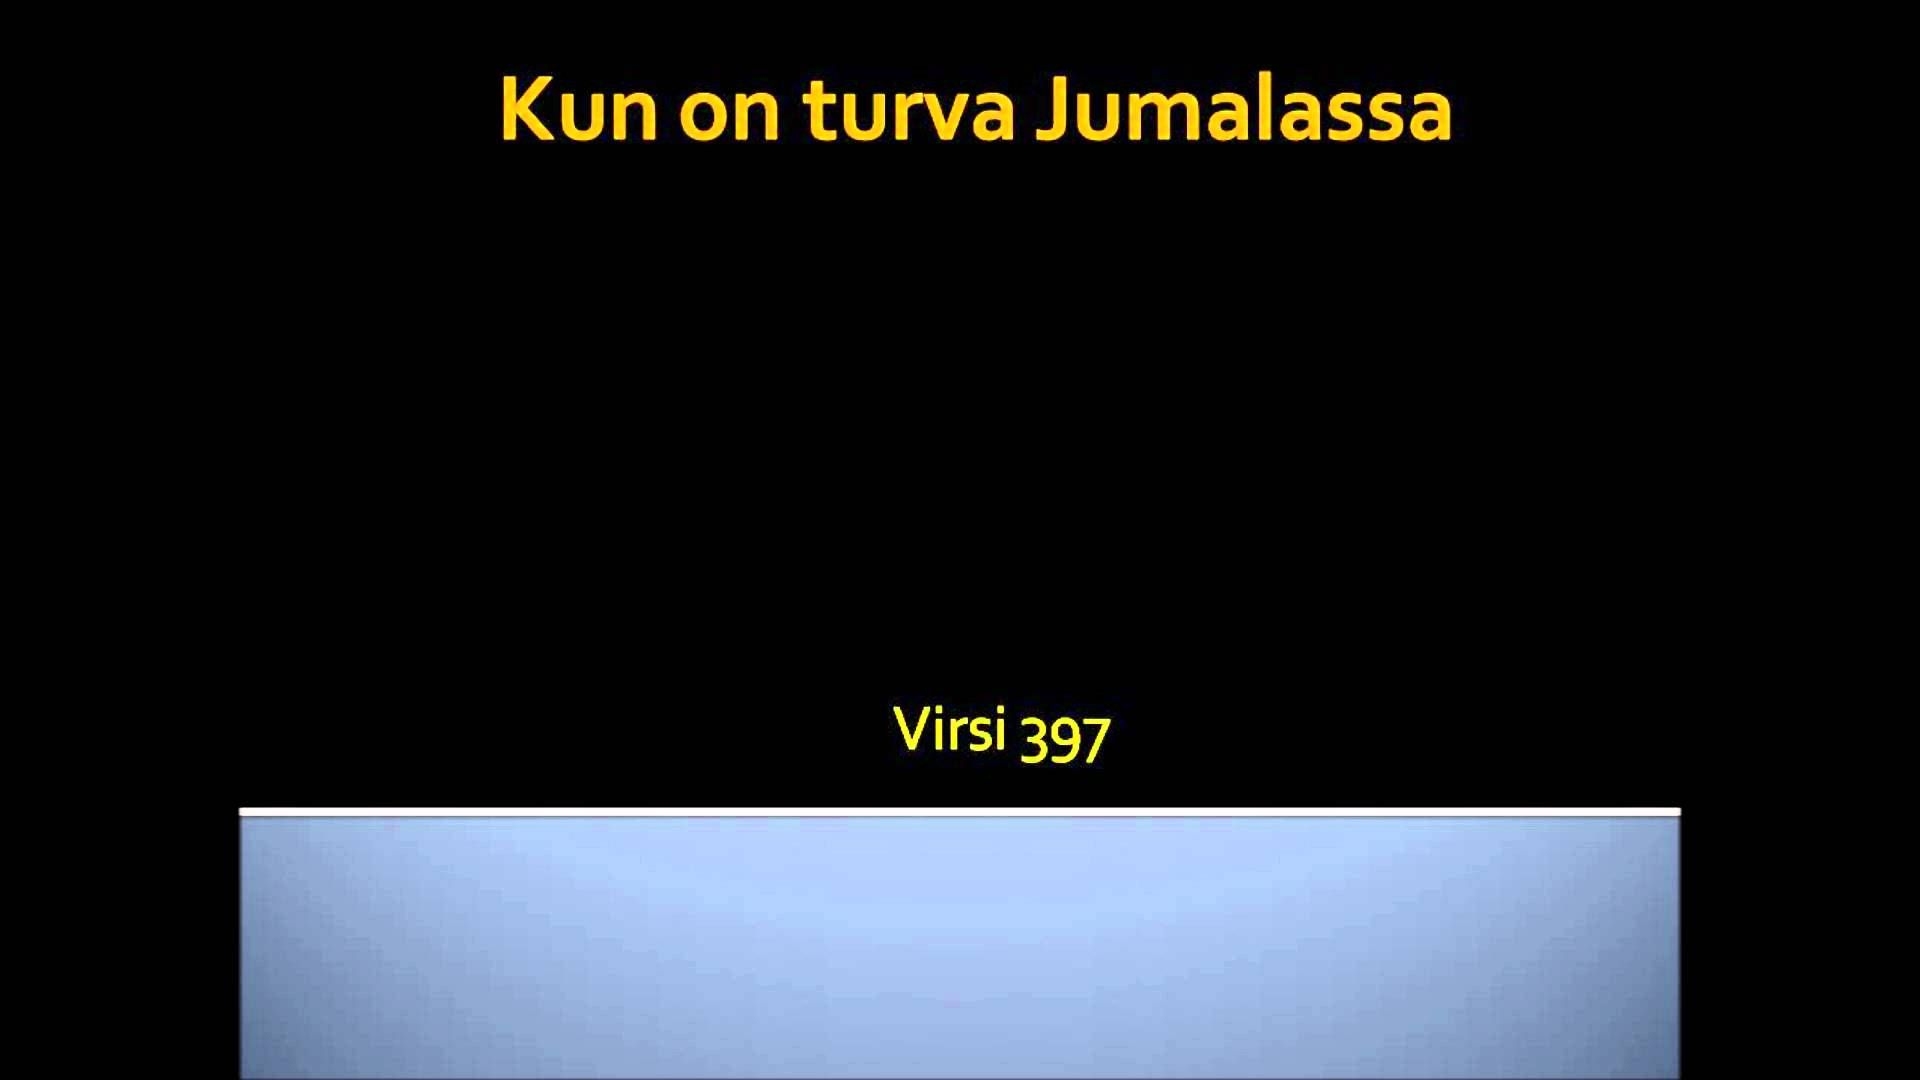 Virsi 397